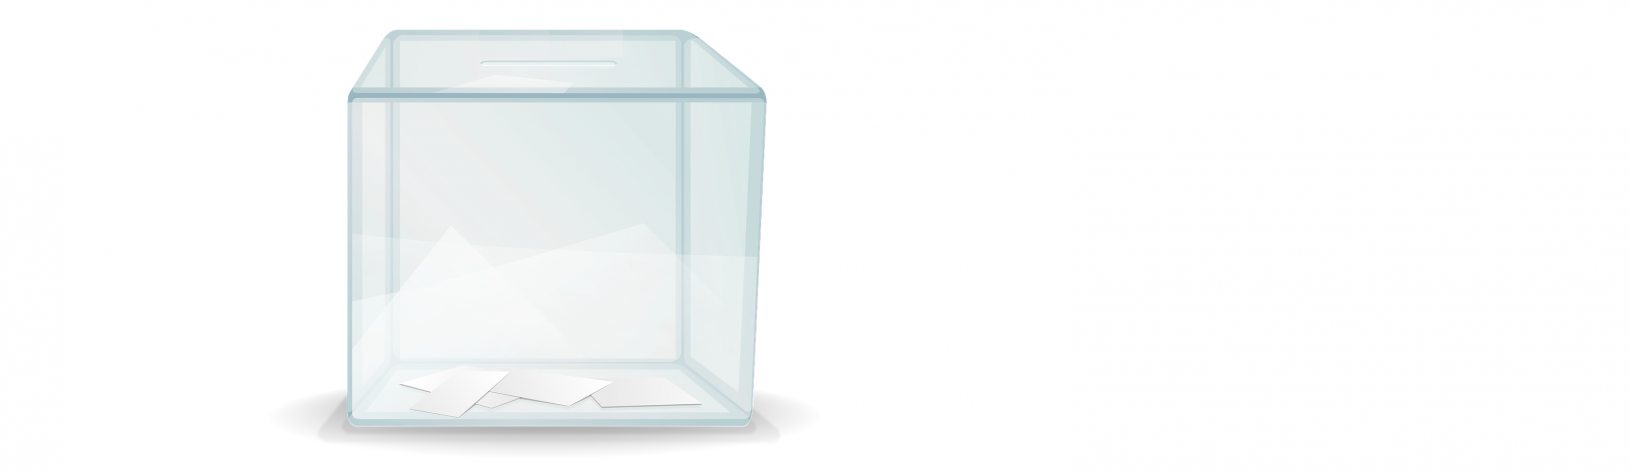 Προκήρυξη εκλογών για την ανάδειξη Πρύτανη και Αντιπρυτάνεων